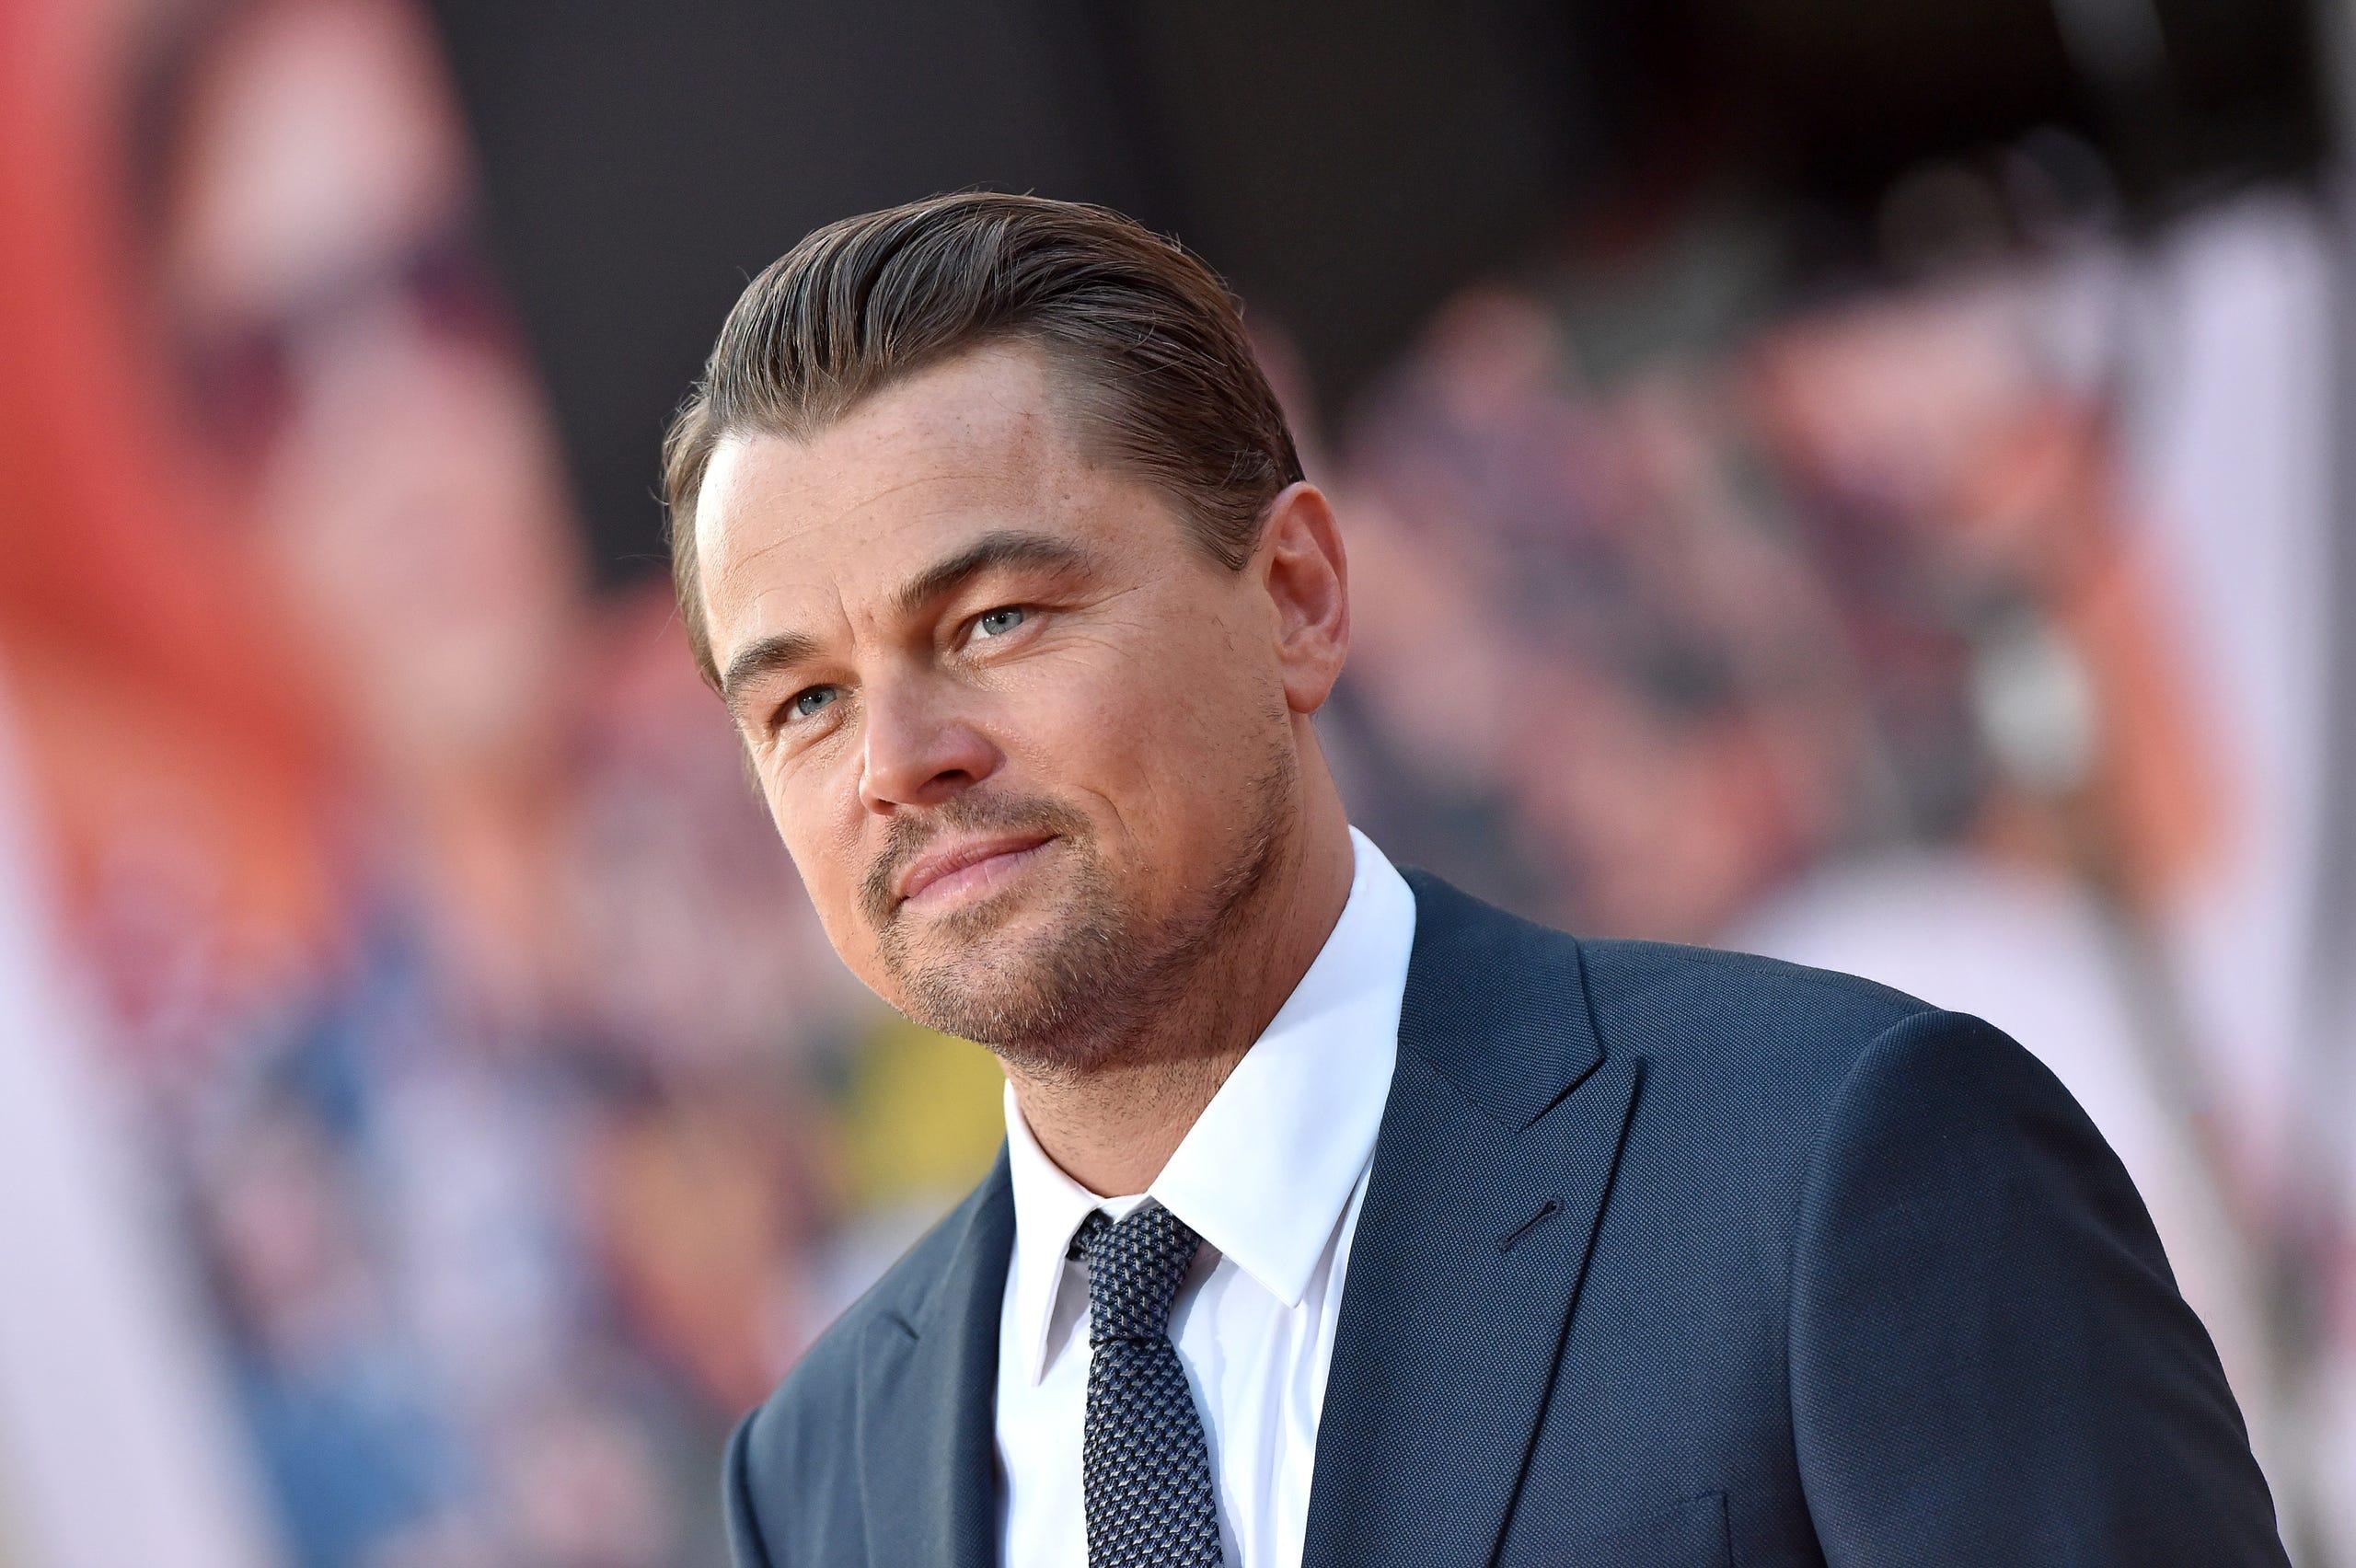 Leonardo DiCaprio doa R$ 20 milhões para combater incêndios e desmatamentos na Amazônia